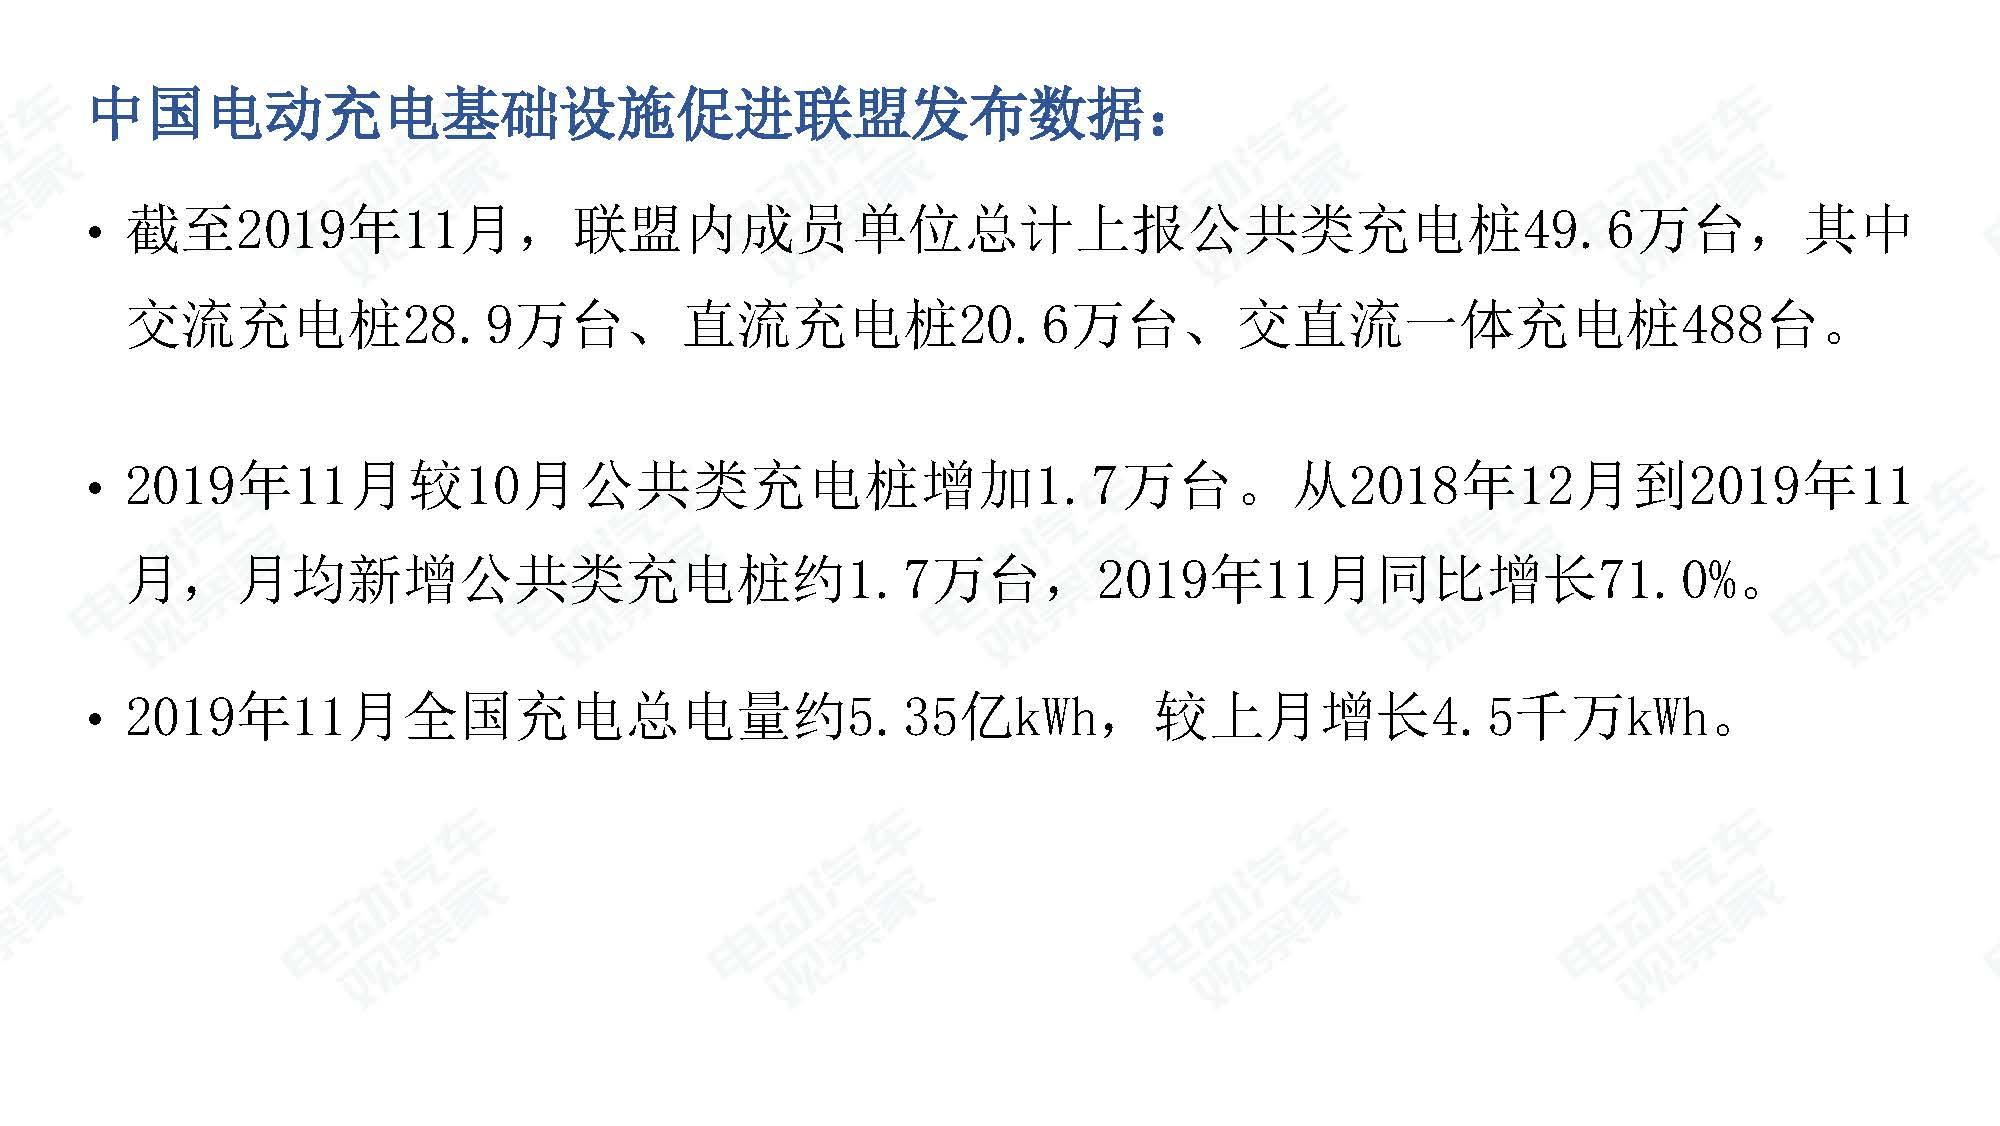 2019年11月中国新能源汽车产业观察_页面_120